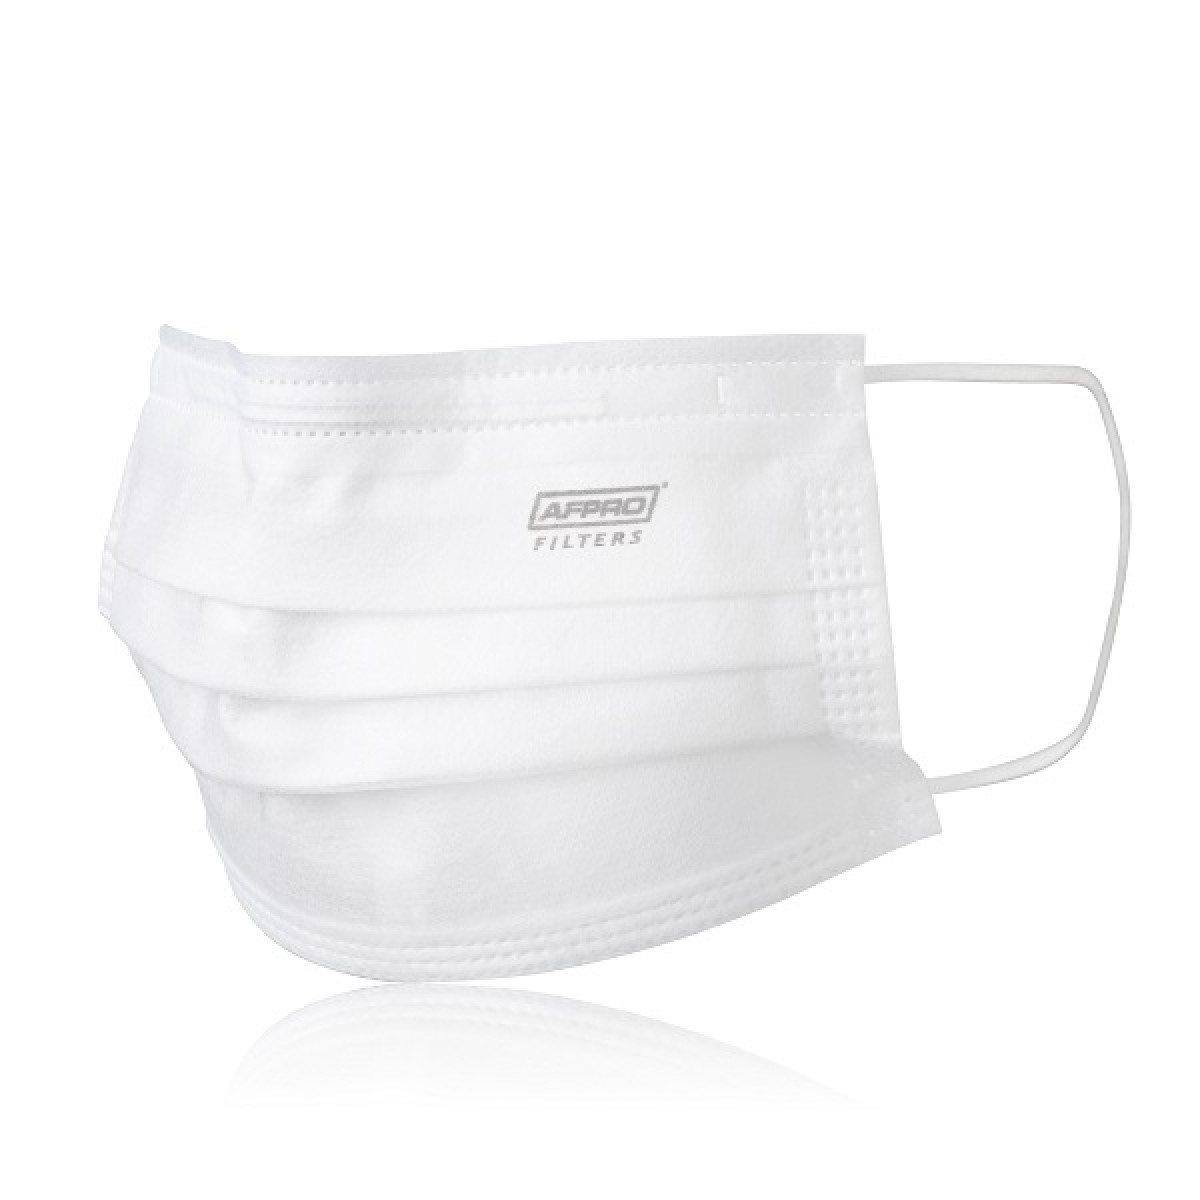 afpro-mundmasken-typ-2-kwl-filter-store-4_1